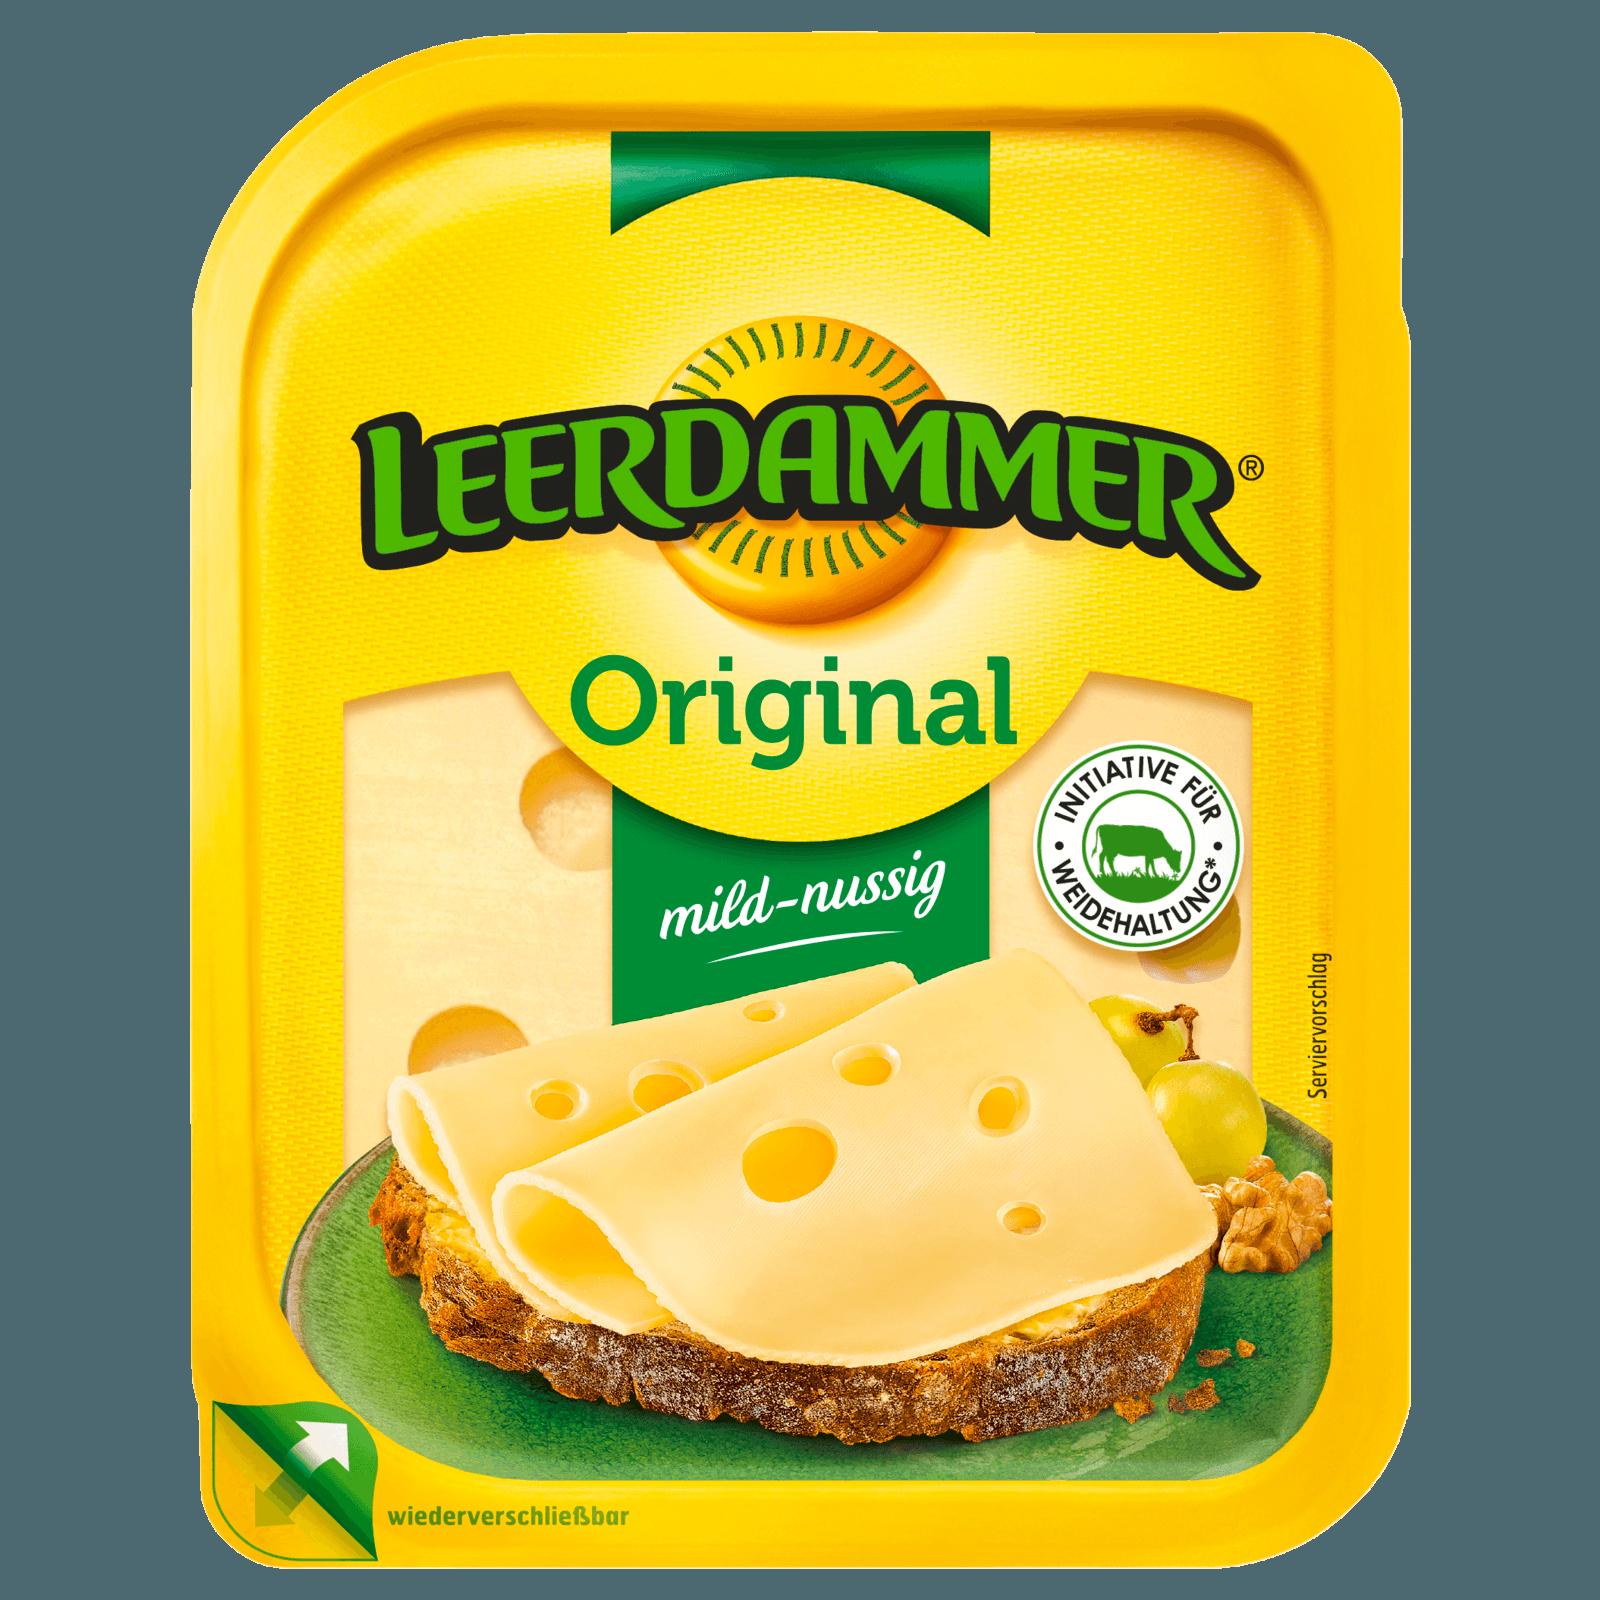 Leerdammer Original Scheiben 140g